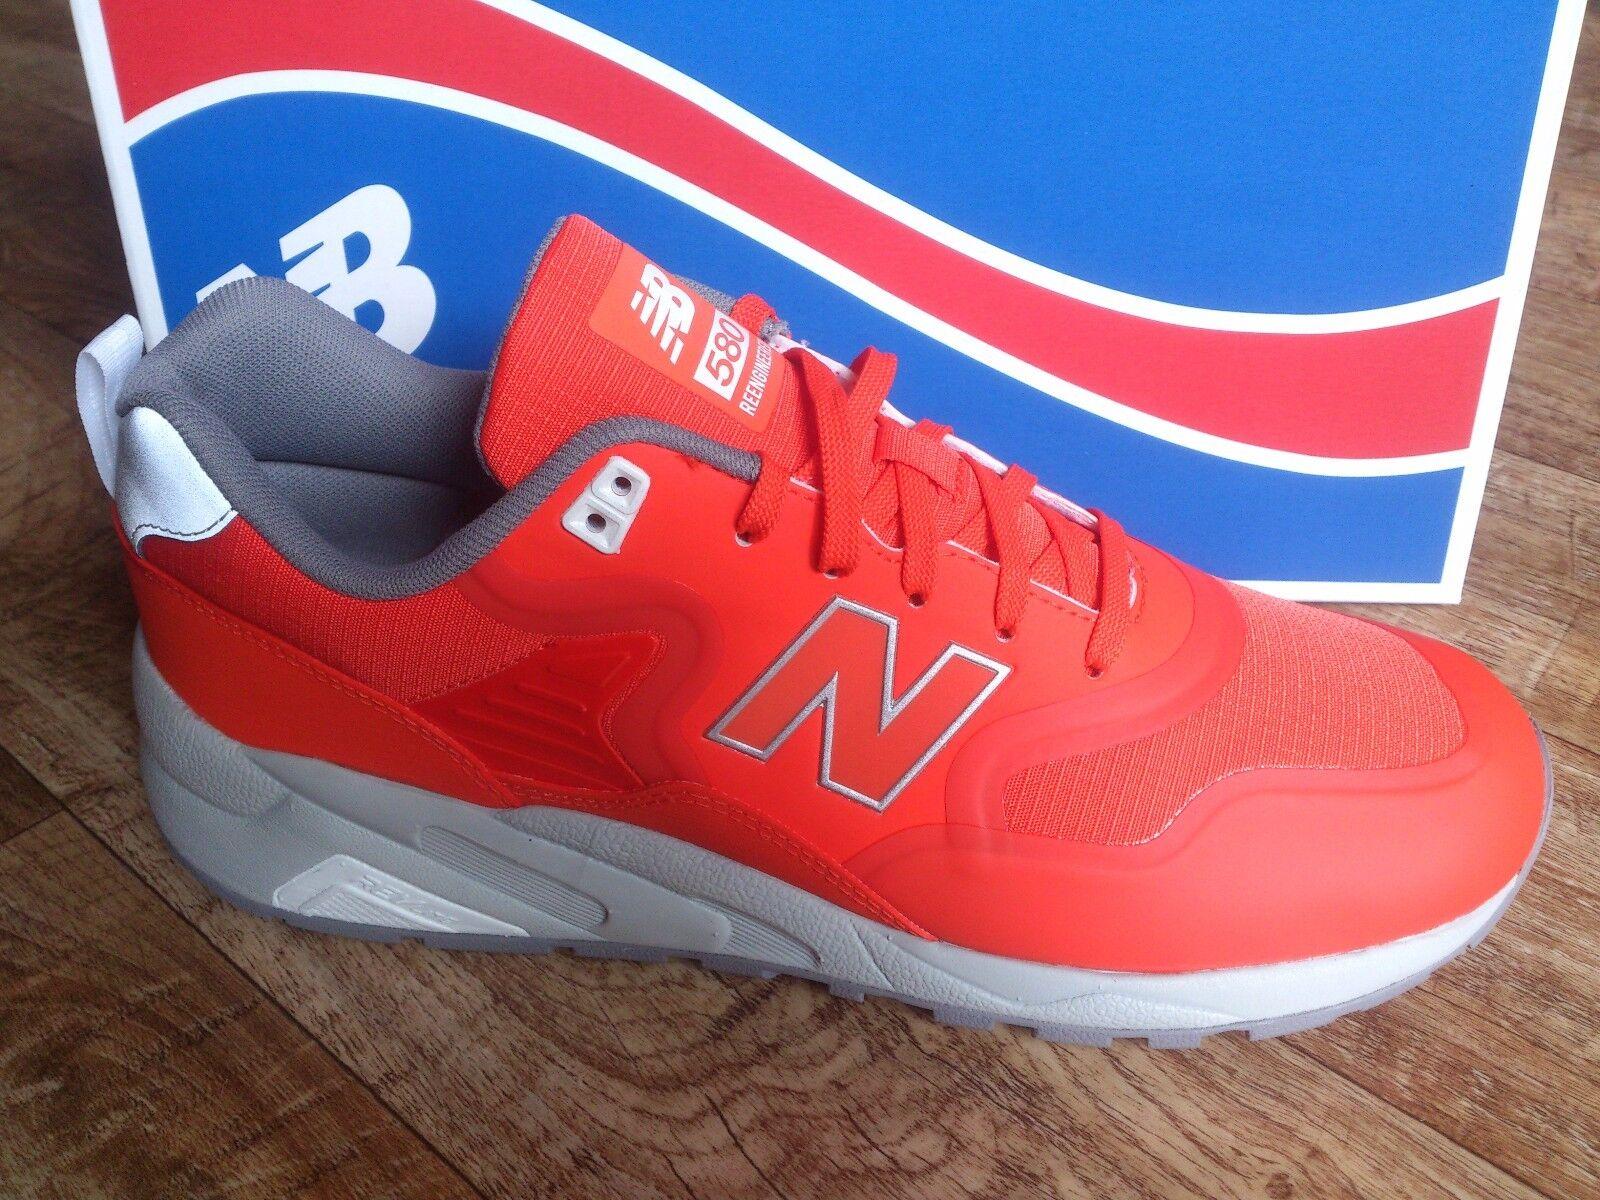 New Balance MRT580 Turnschuhe TR Unisex Sneaker Schuhe Turnschuhe MRT580 Rot NEU 98020a